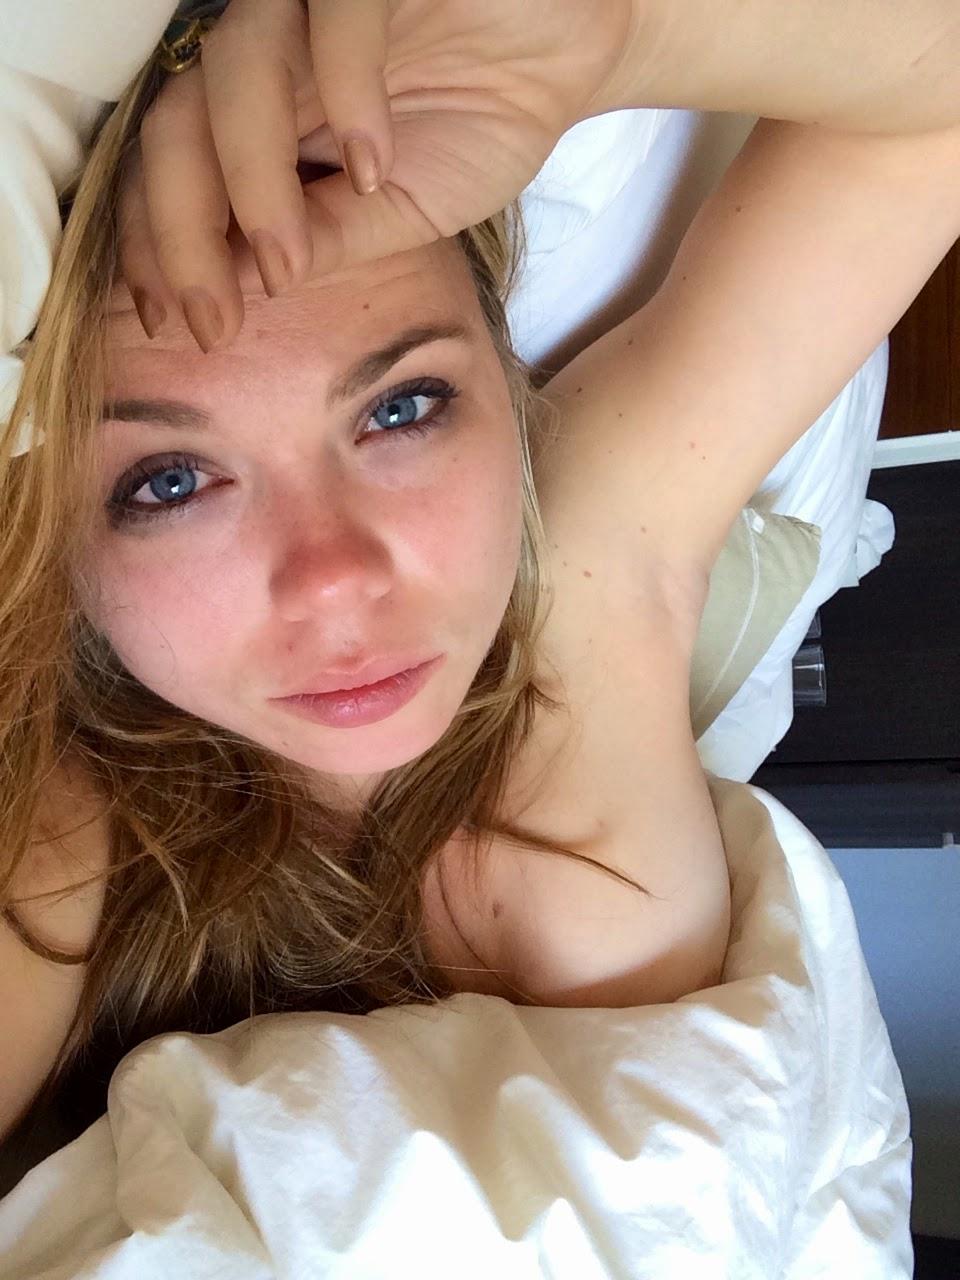 فضيحة الممثلة الأمريكية أماندا فولر وتسريب صور عارية الصدر من هاتفها